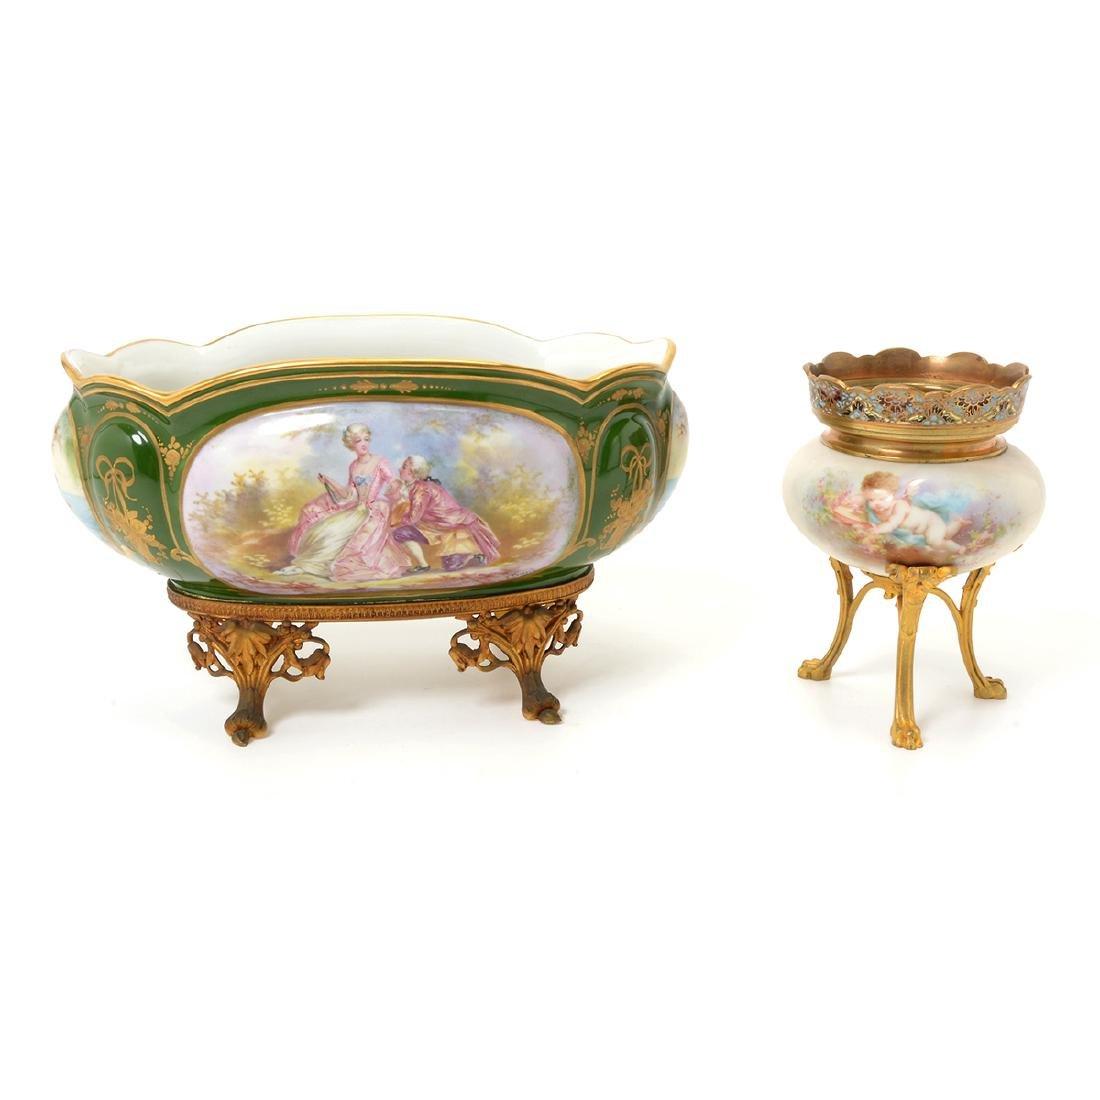 Two SÈvres Style Gilt Bronze Porcelain Vessels: